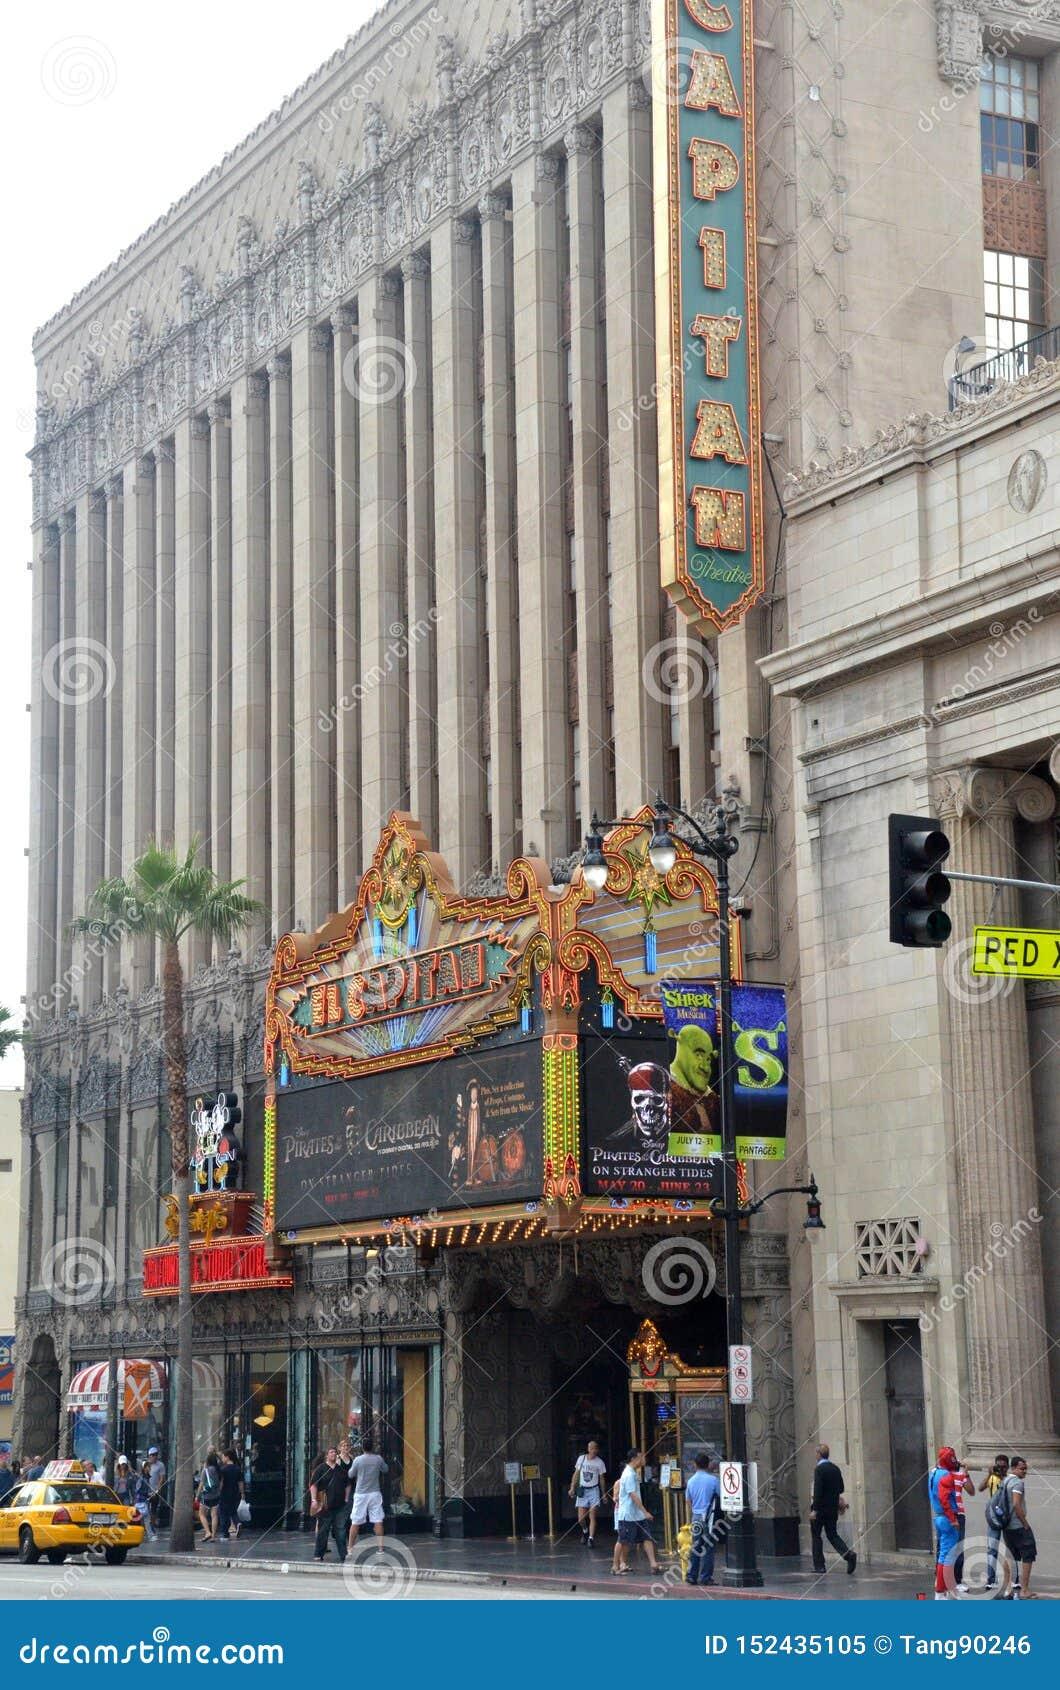 Το θέατρο EL Capitan είναι ένα πλήρως αποκατεστημένο παλάτι κινηματογράφων στη λεωφόρο Hollywood, Καλιφόρνια